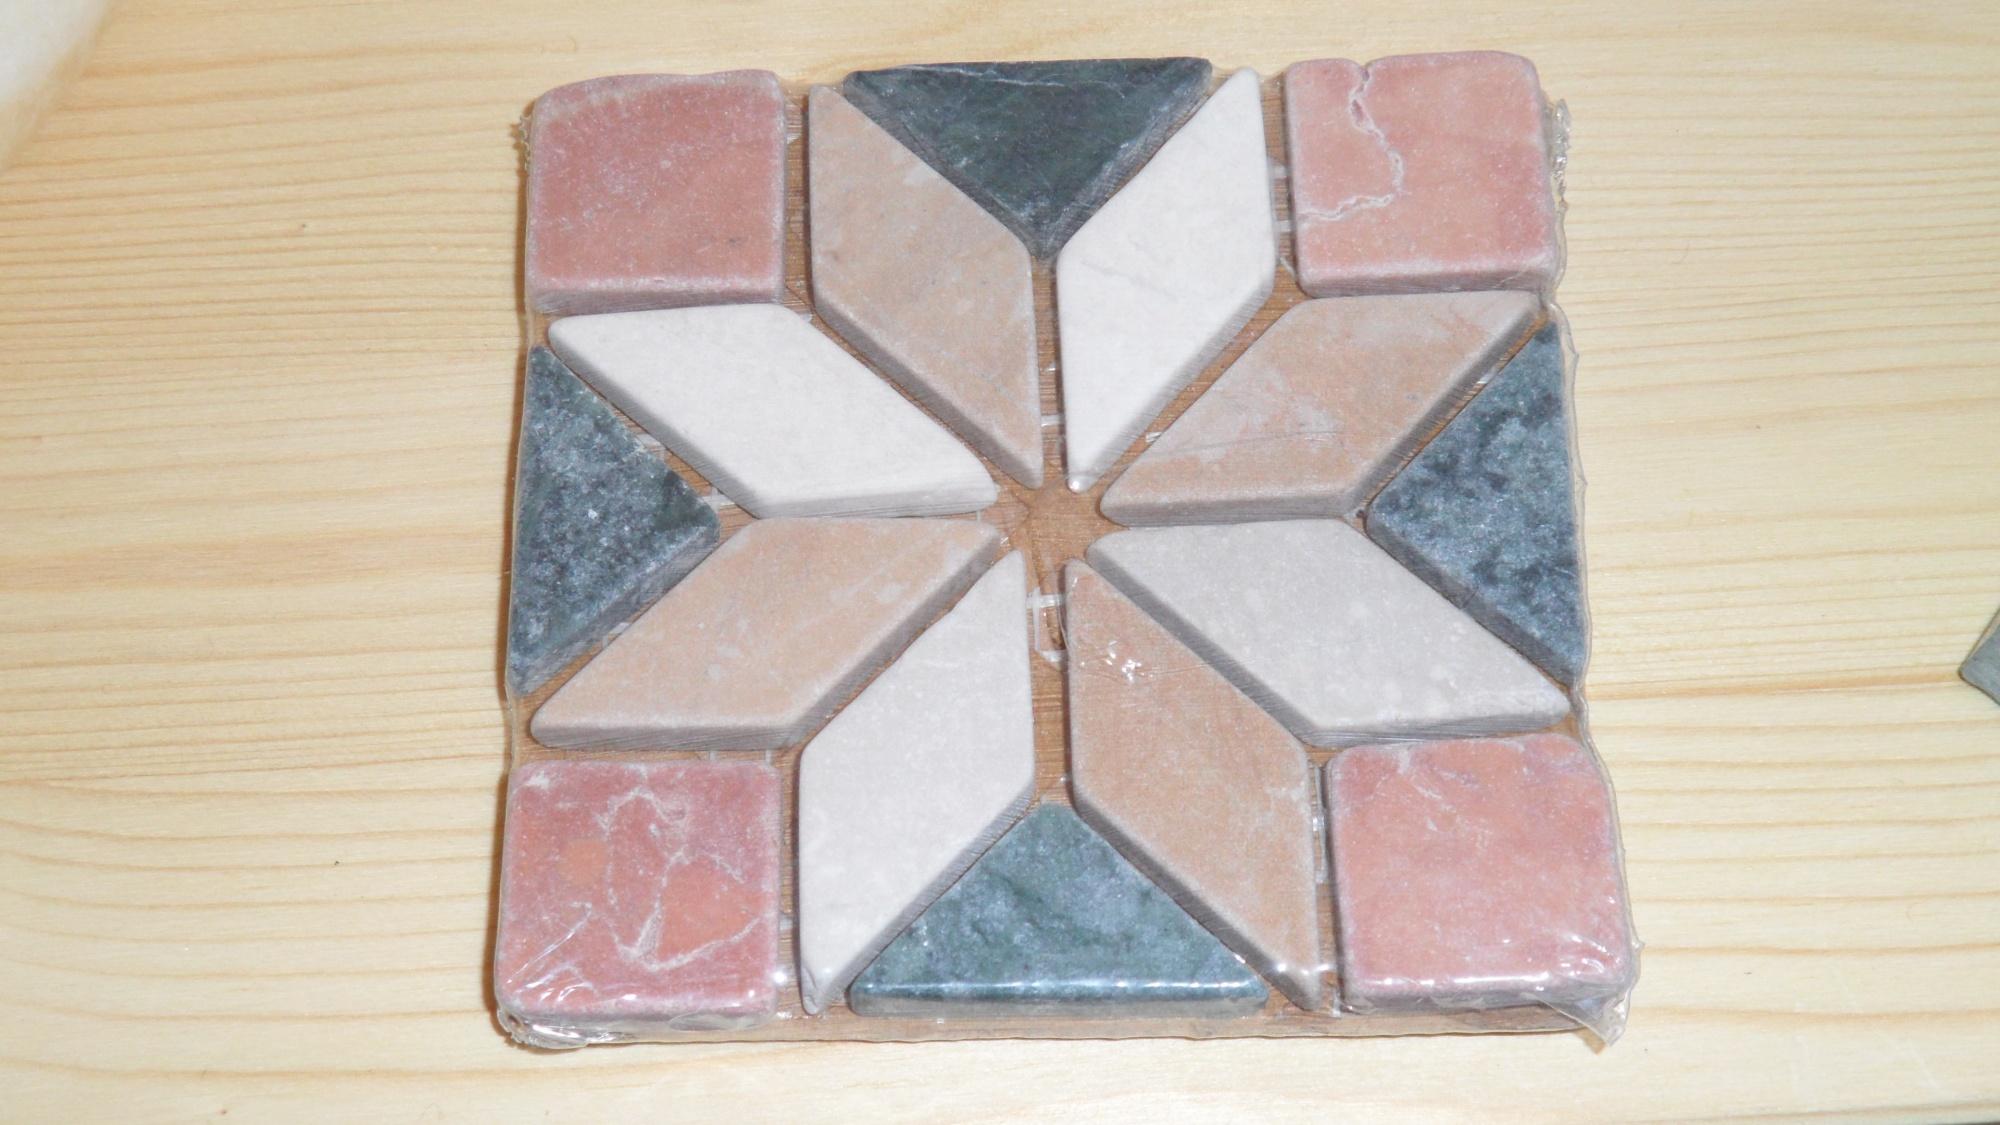 Marmo per cucina muratura : marmo per bagno prezzi. marmo per ...